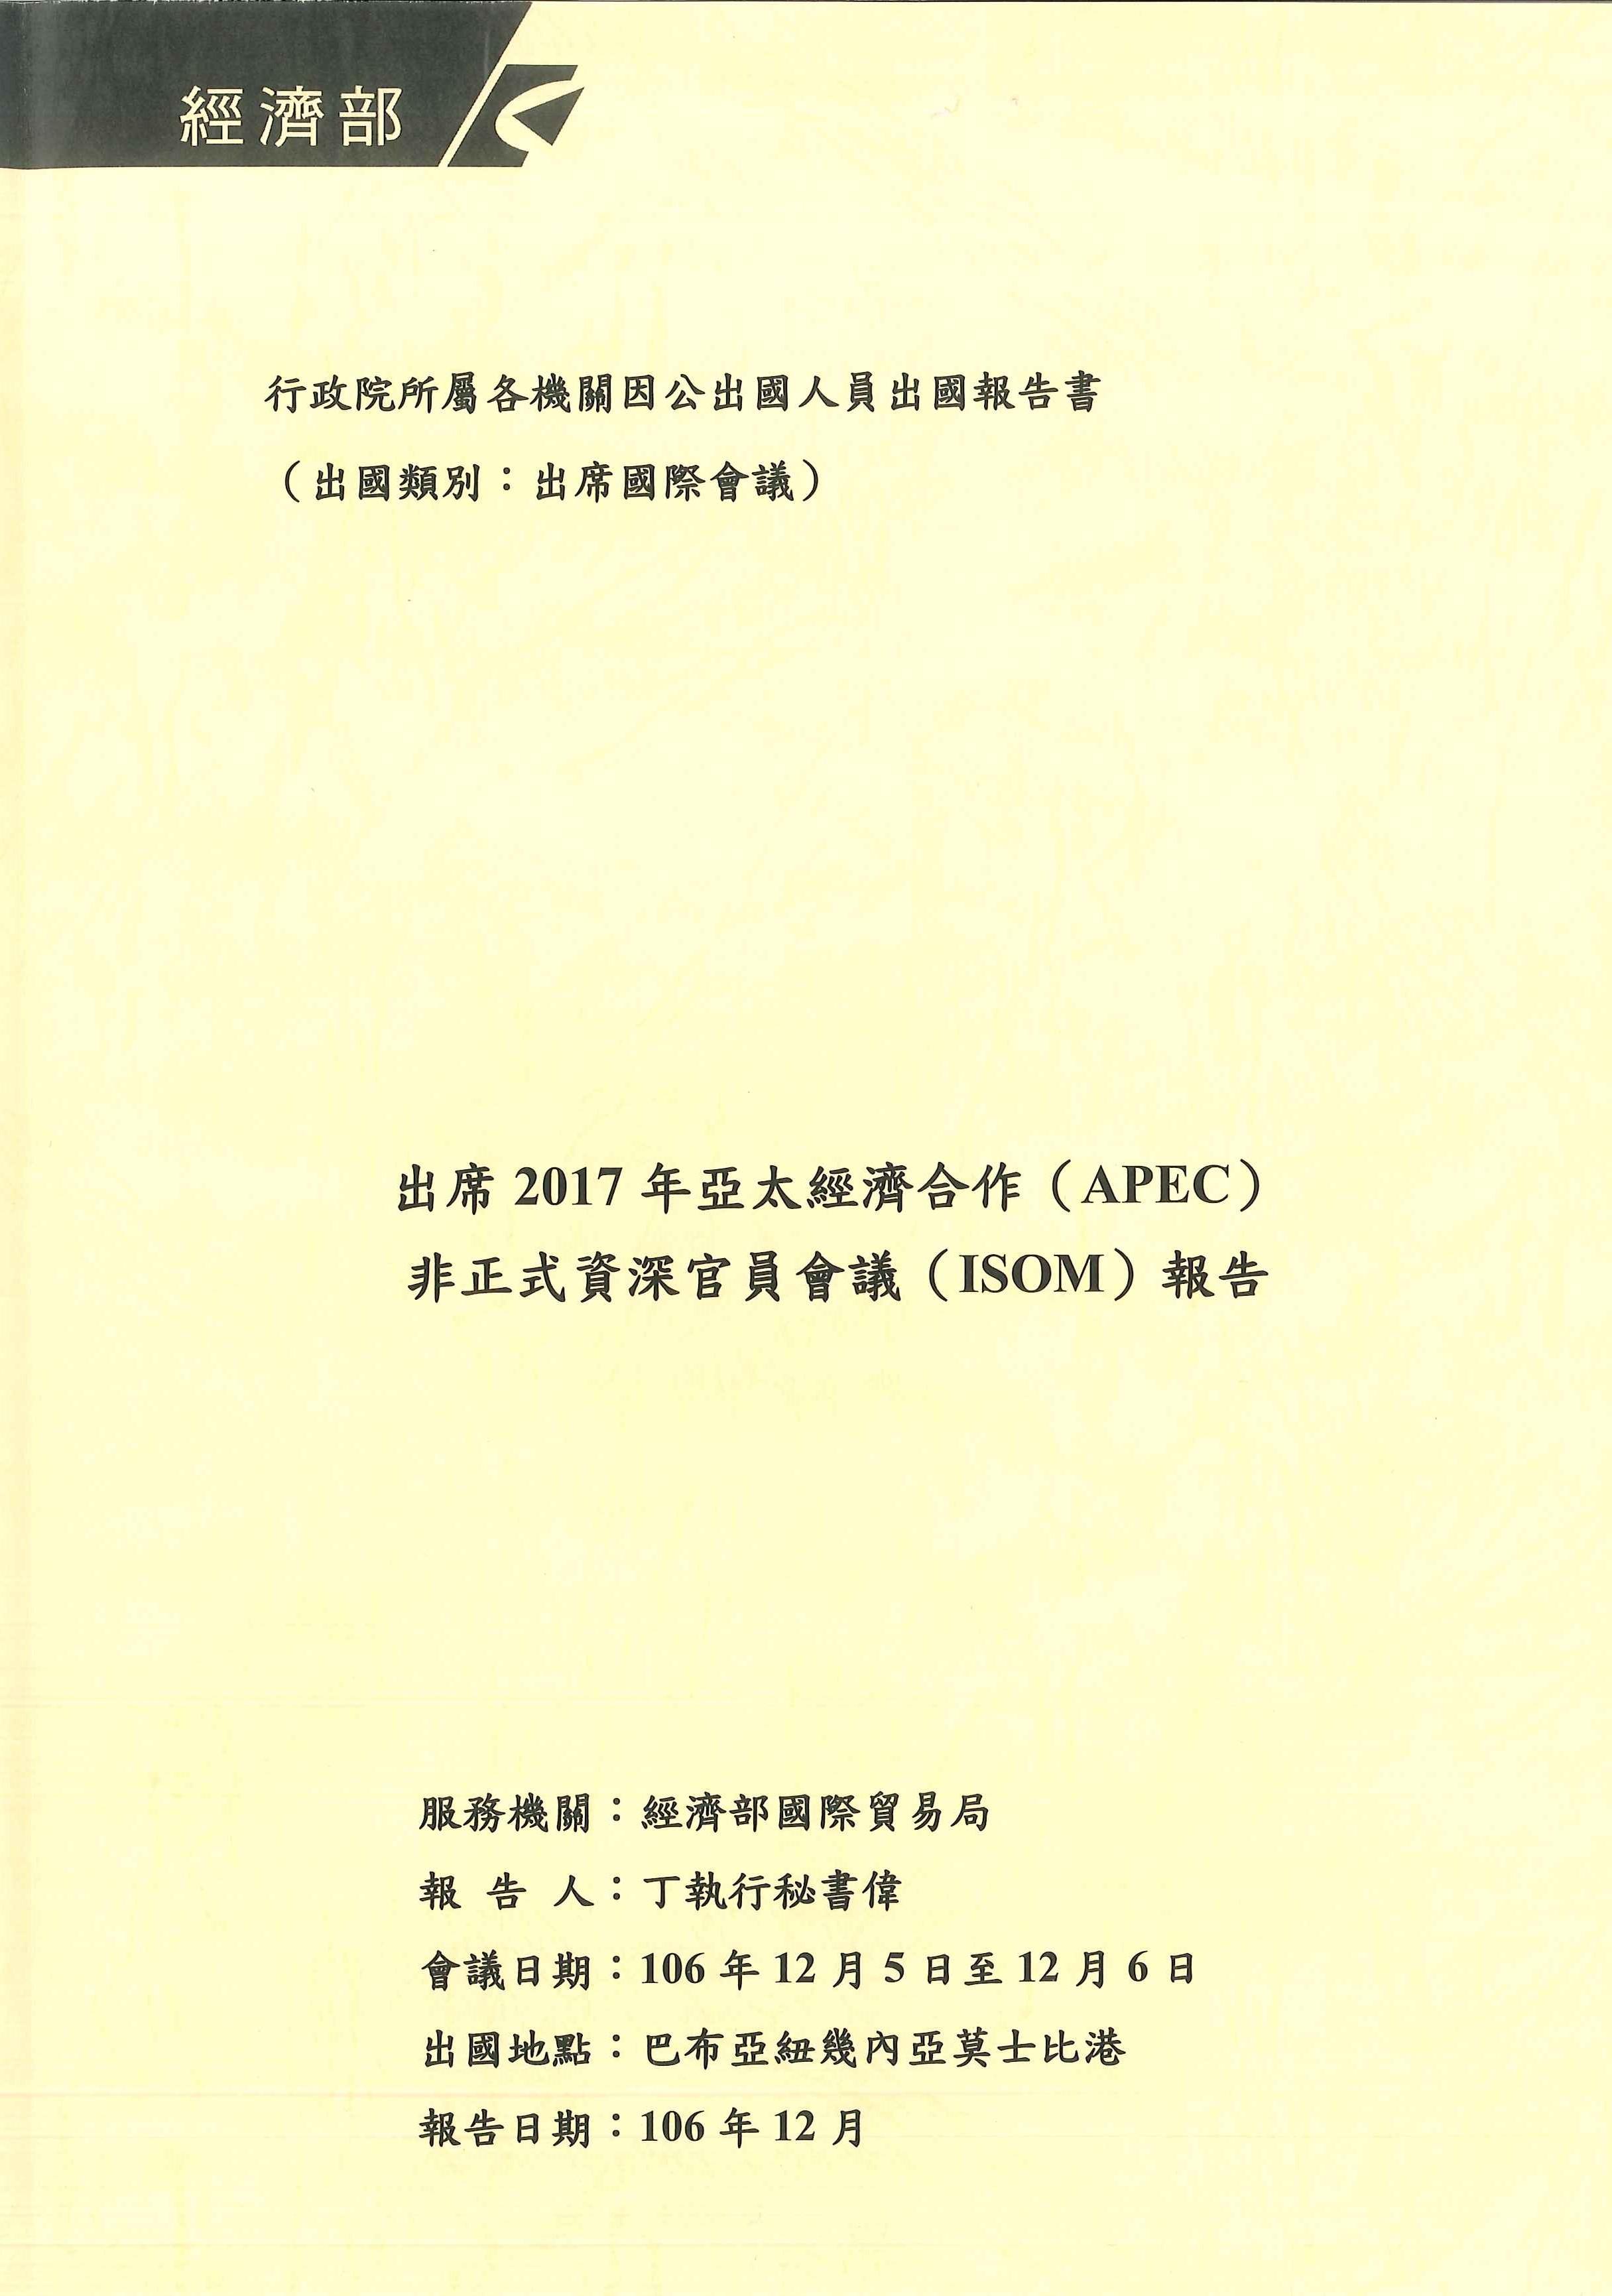 出席2017年亞太經濟合作(APEC)非正式資深官員會議(ISOM)報告